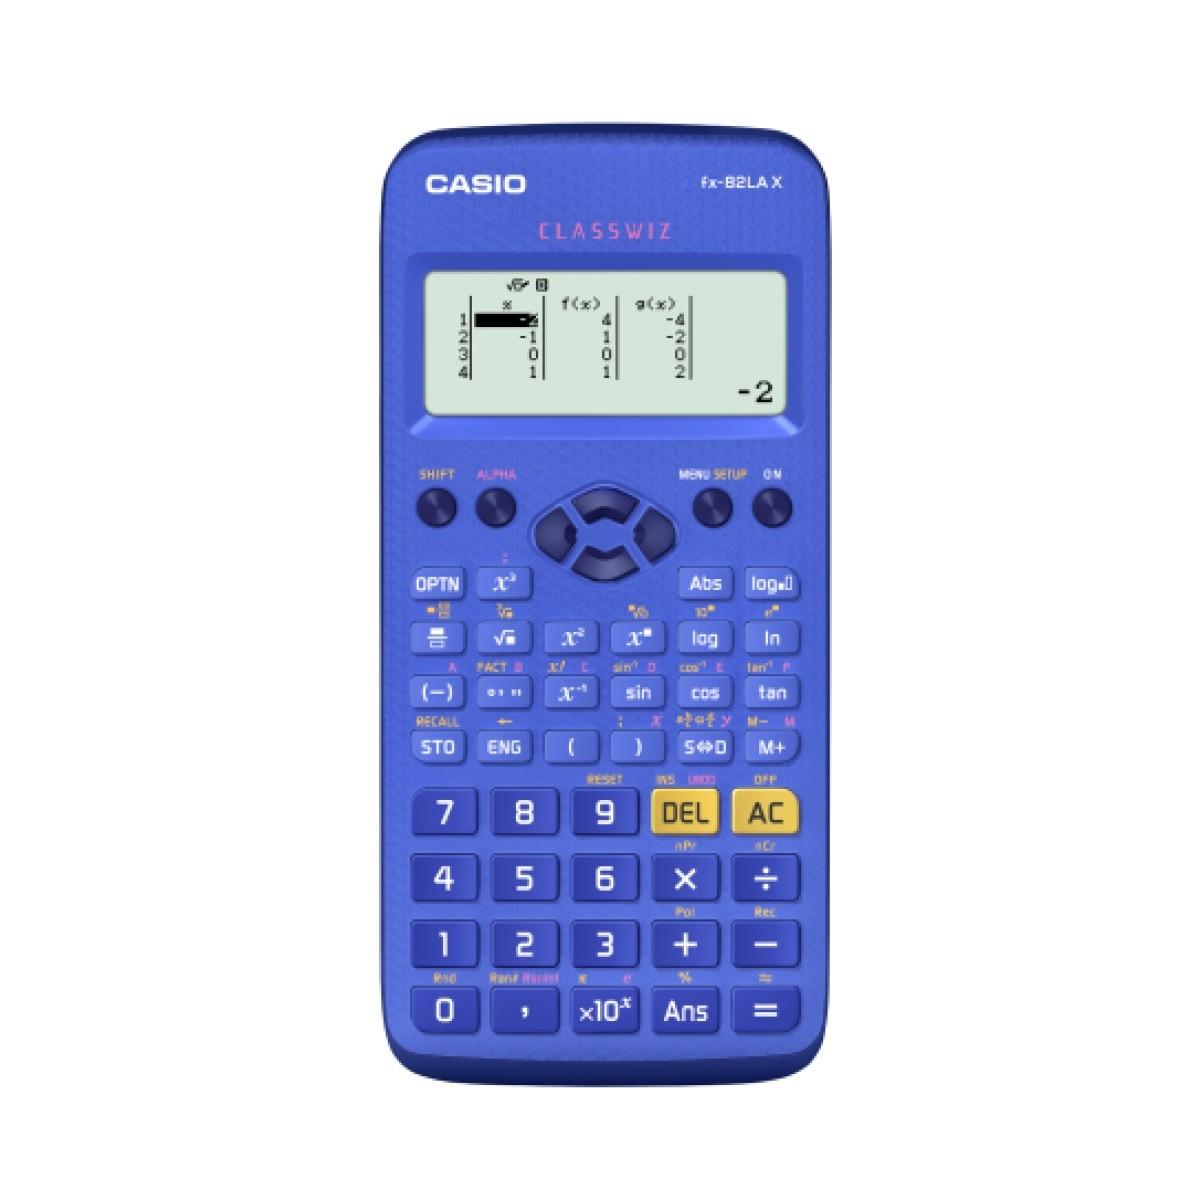 Calculadora Casio Fx-82Lax-Bu Azul Programável Cientifica Original 274 Funções